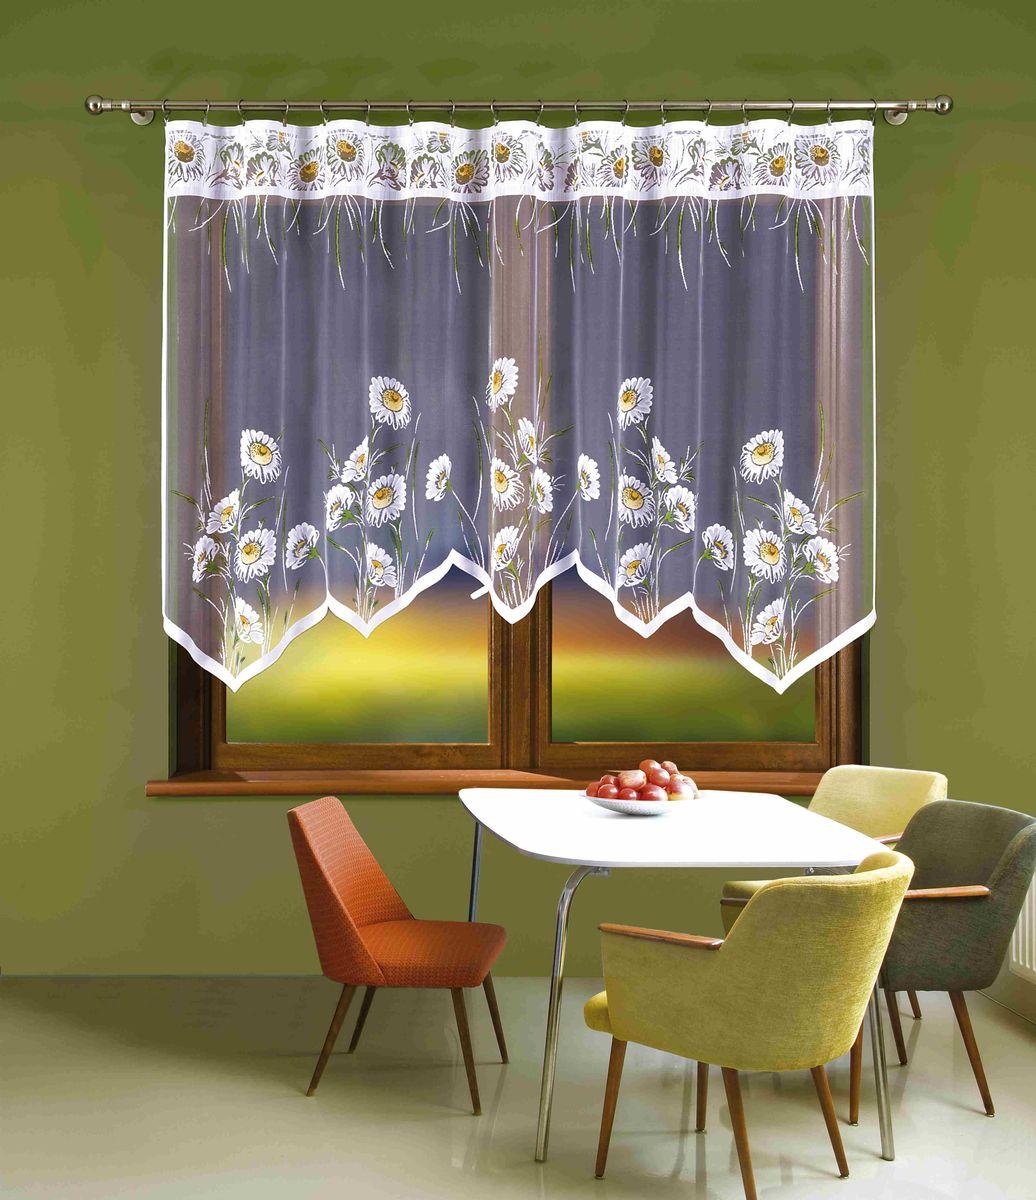 Гардина Wisan Klementynka, цвет: белый, зеленый, высота 140 см264WВоздушная гардина Wisan Klementynka, изготовленная из полиэстера, станет великолепным украшением любого окна. Оригинальный принт в виде цветочков и приятная цветовая гамма привлекут к себе внимание и органично впишутся в интерьер комнаты. Оригинальное оформление гардины внесет разнообразие и подарит заряд положительного настроения.Верхняя часть гардины не оснащена креплениями.